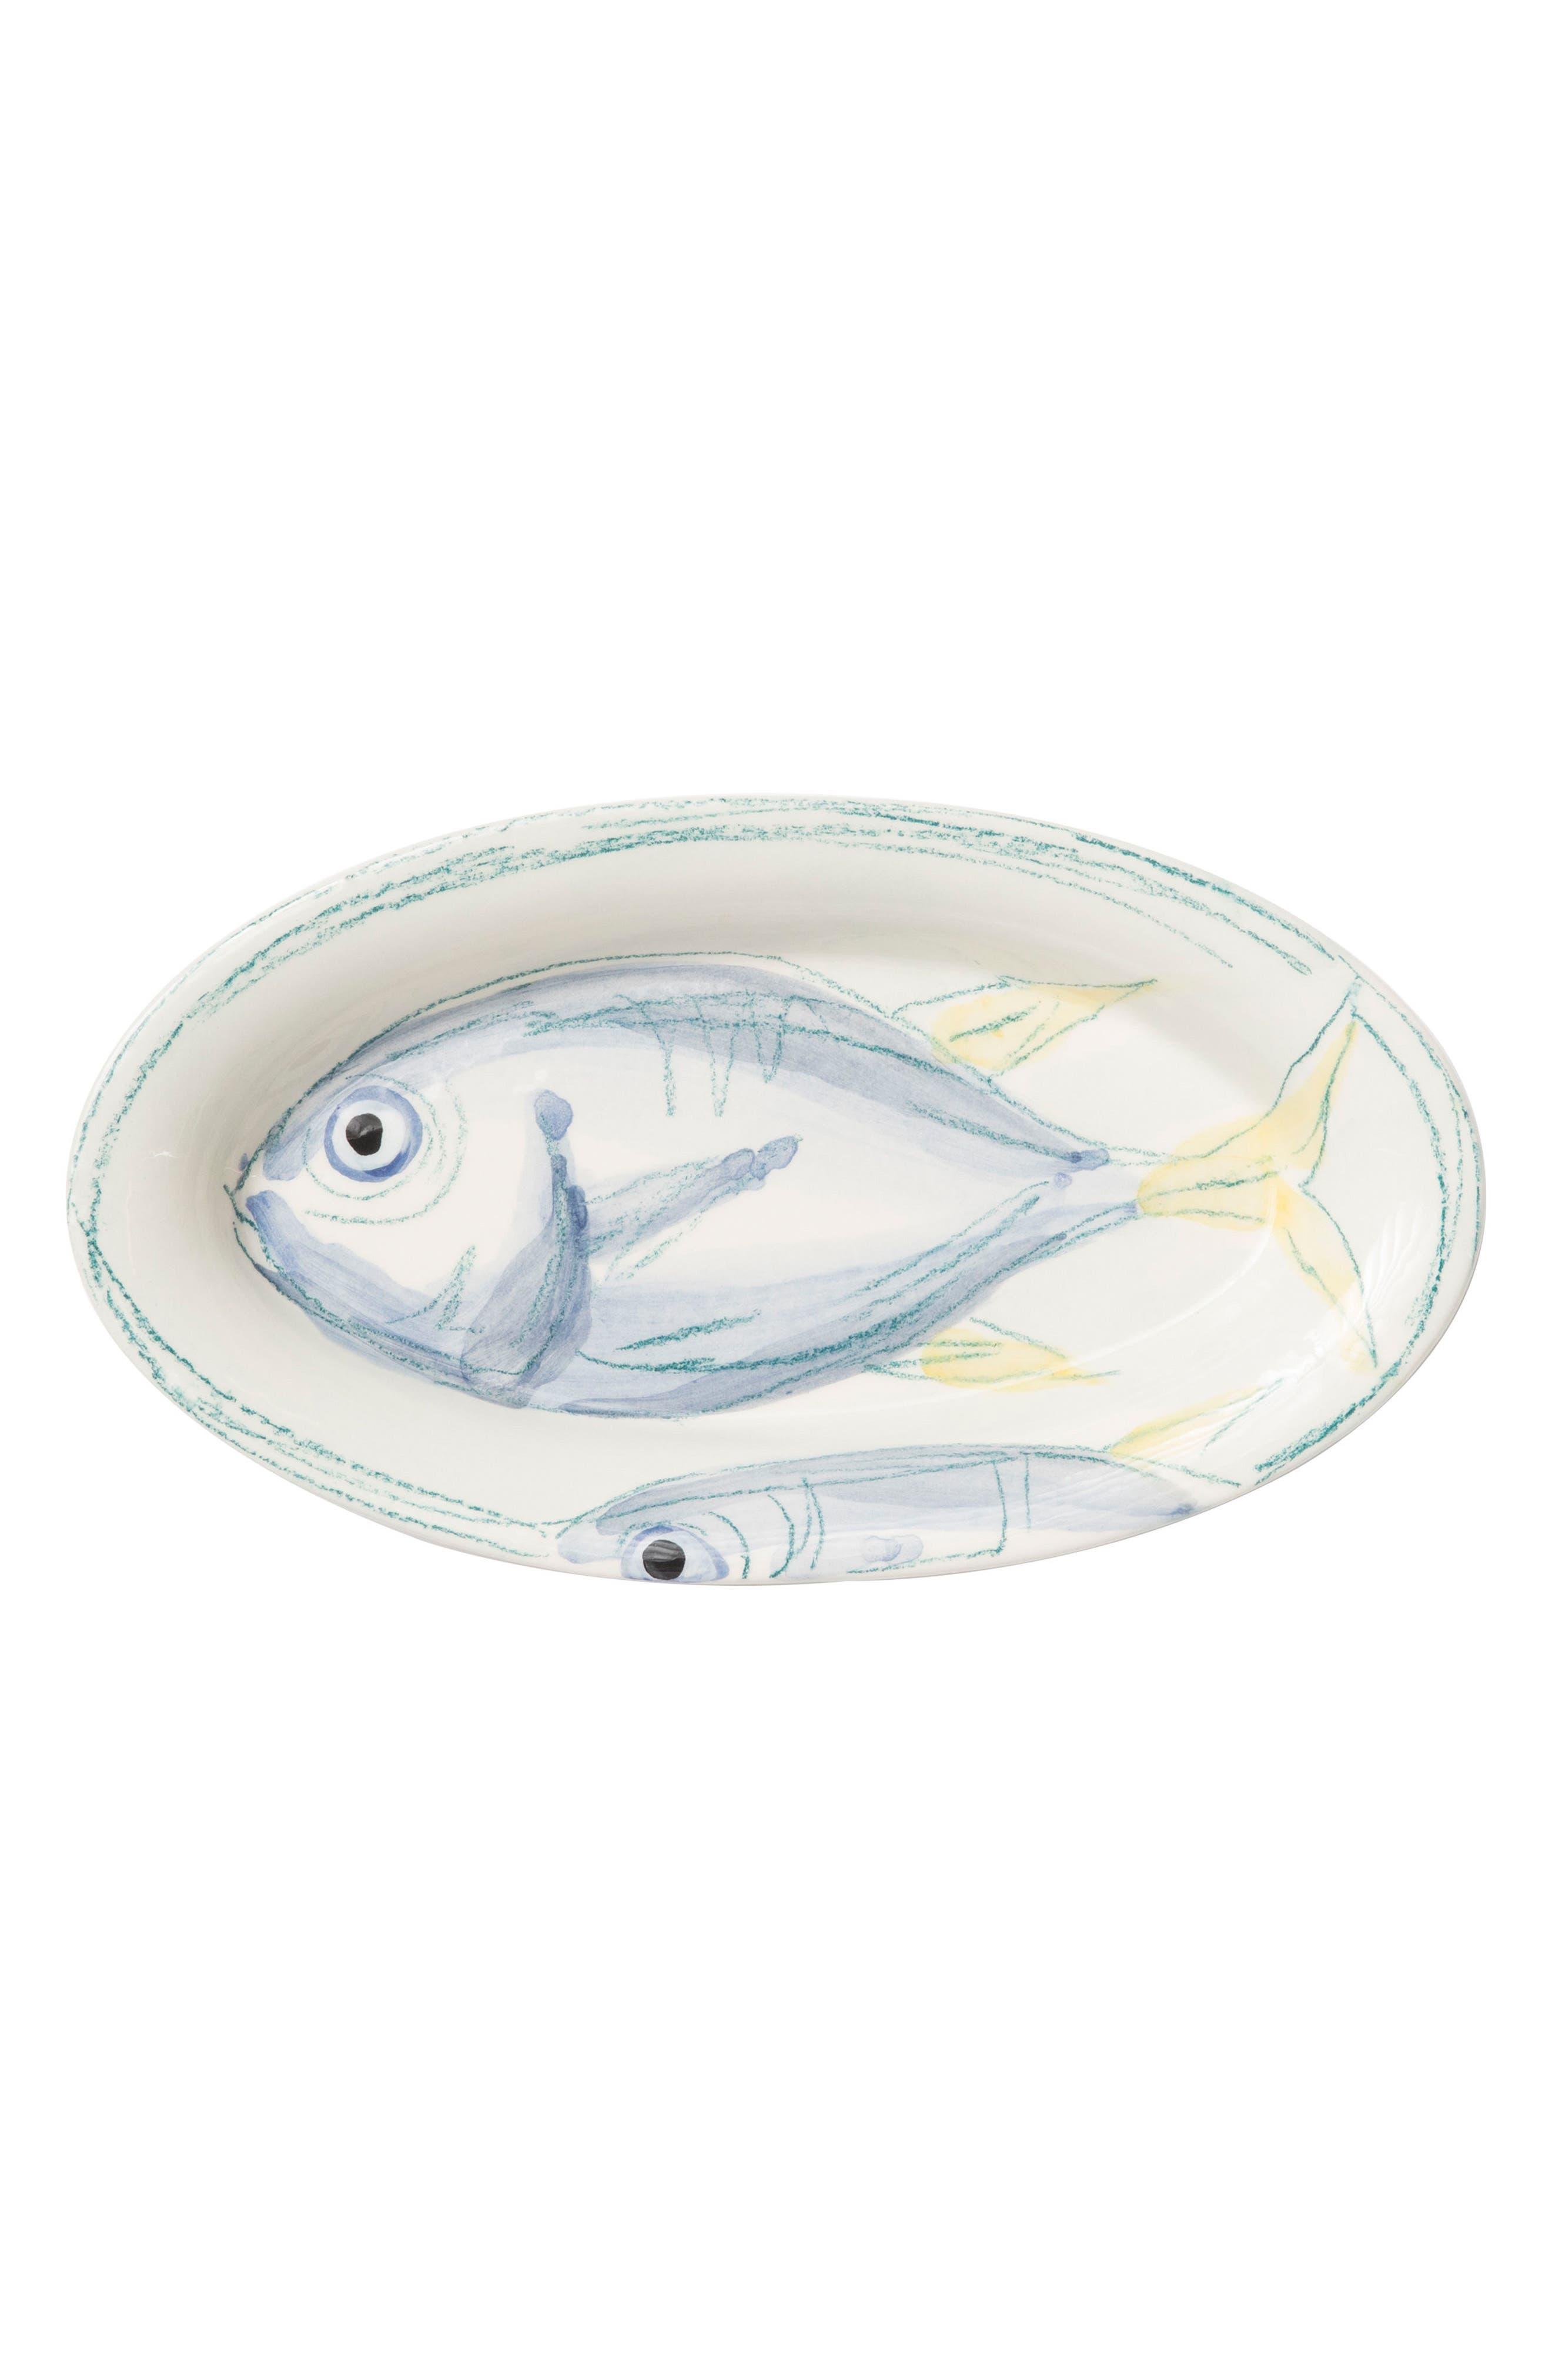 Pescatore Small Oval Tray,                         Main,                         color, WHITE